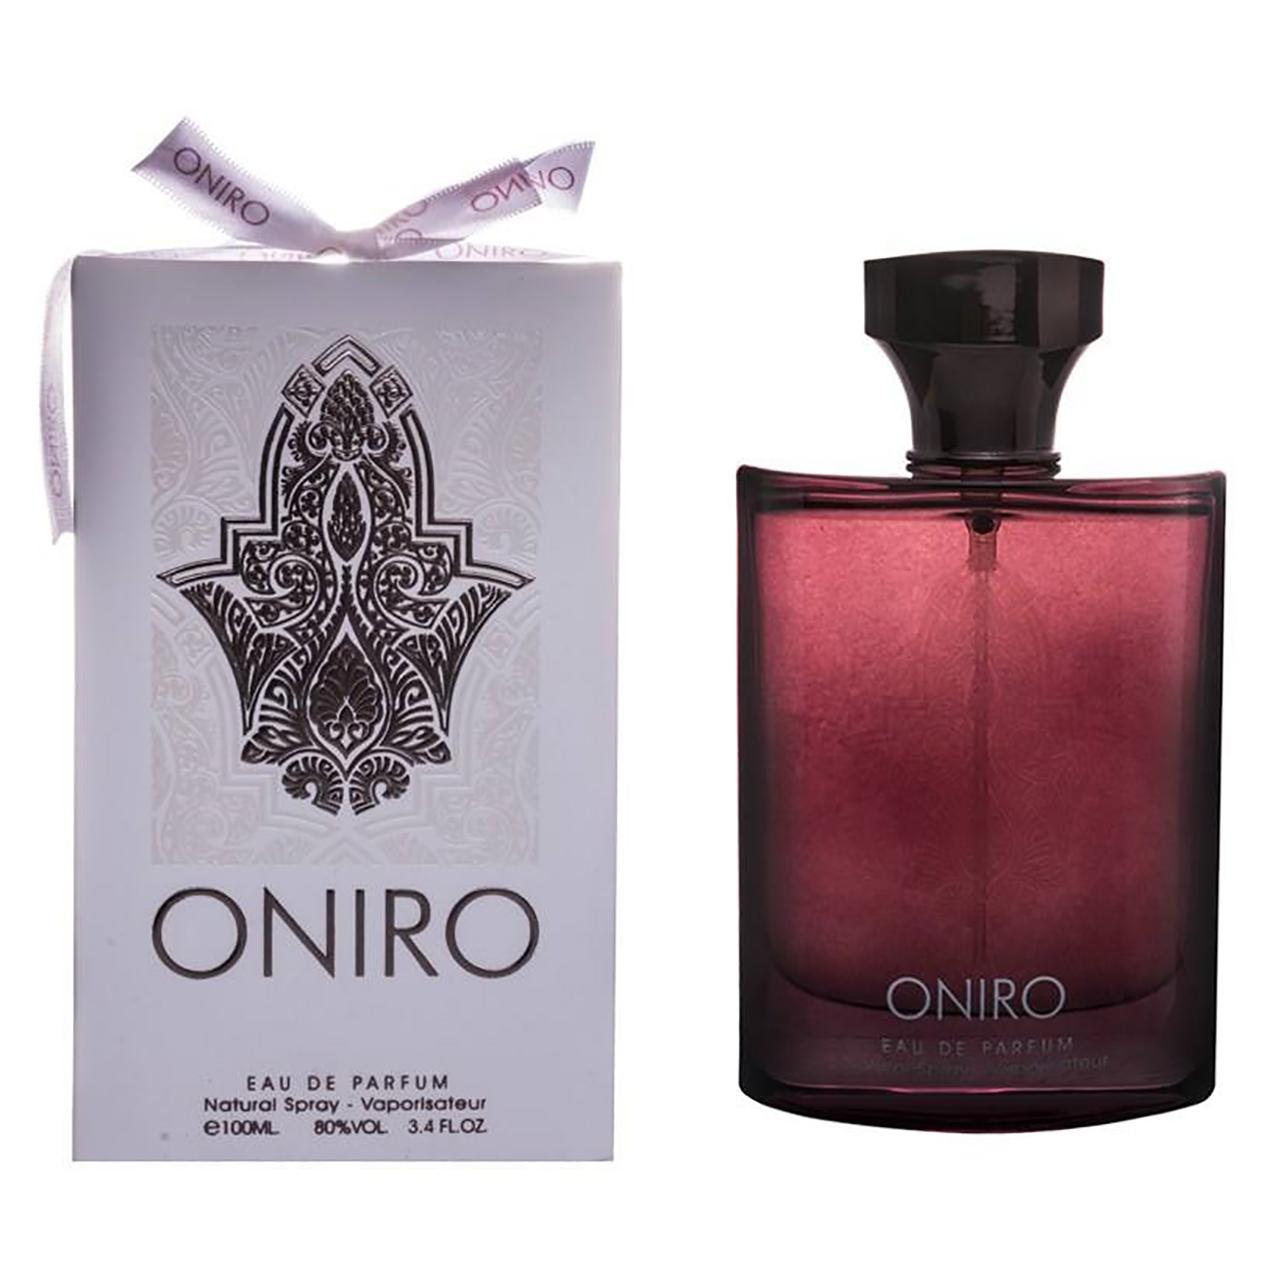 خرید اینترنتی ادو پرفیوم مردانه فراگرنس ورد مدل ONIRO حجم 100 میلی لیتر با قیمت مناسب